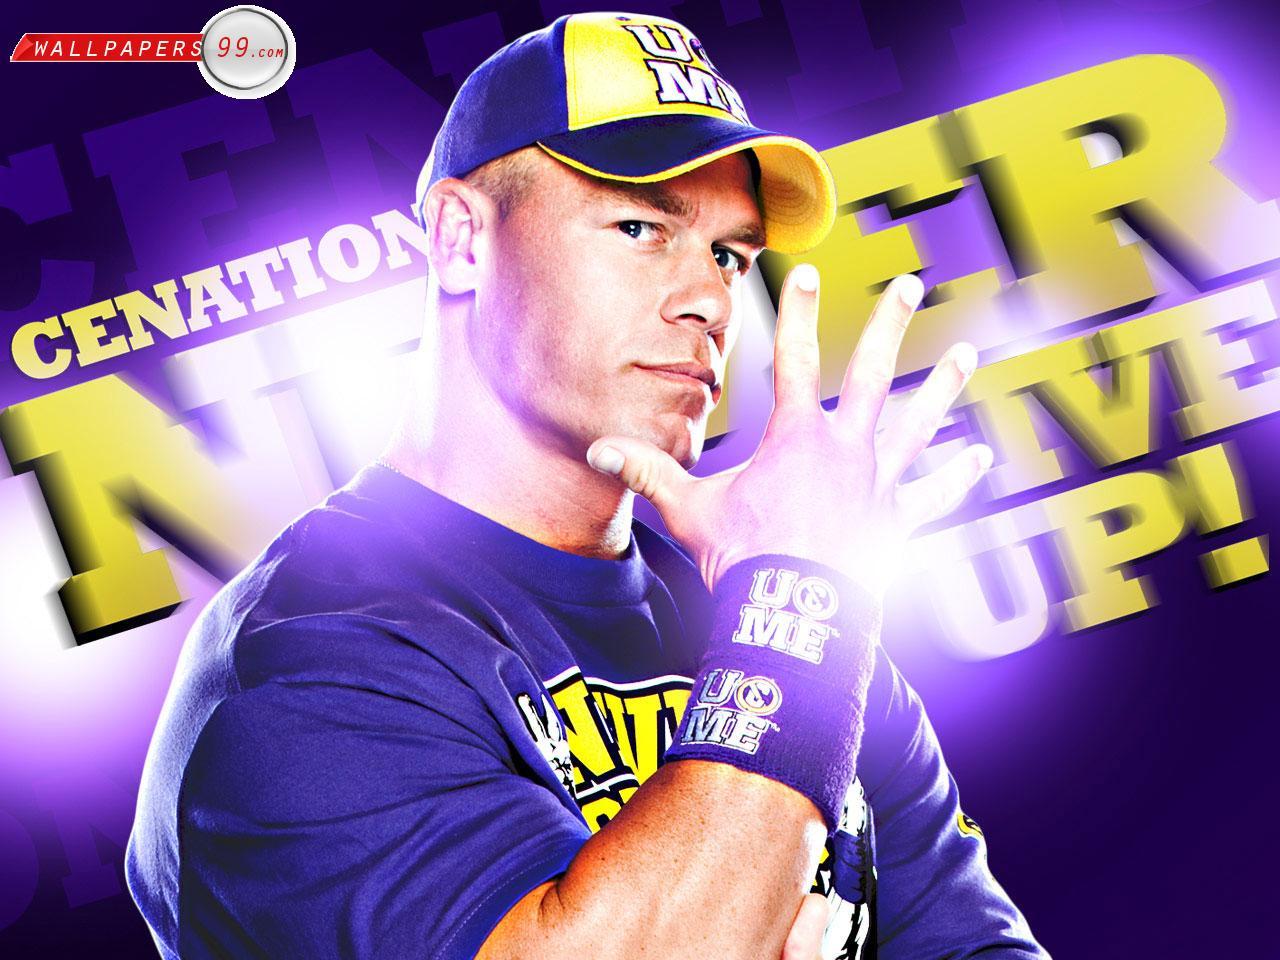 John cena best wallpapers 2012 WWE SuperstarsWWE wallpapersWWE 1280x960